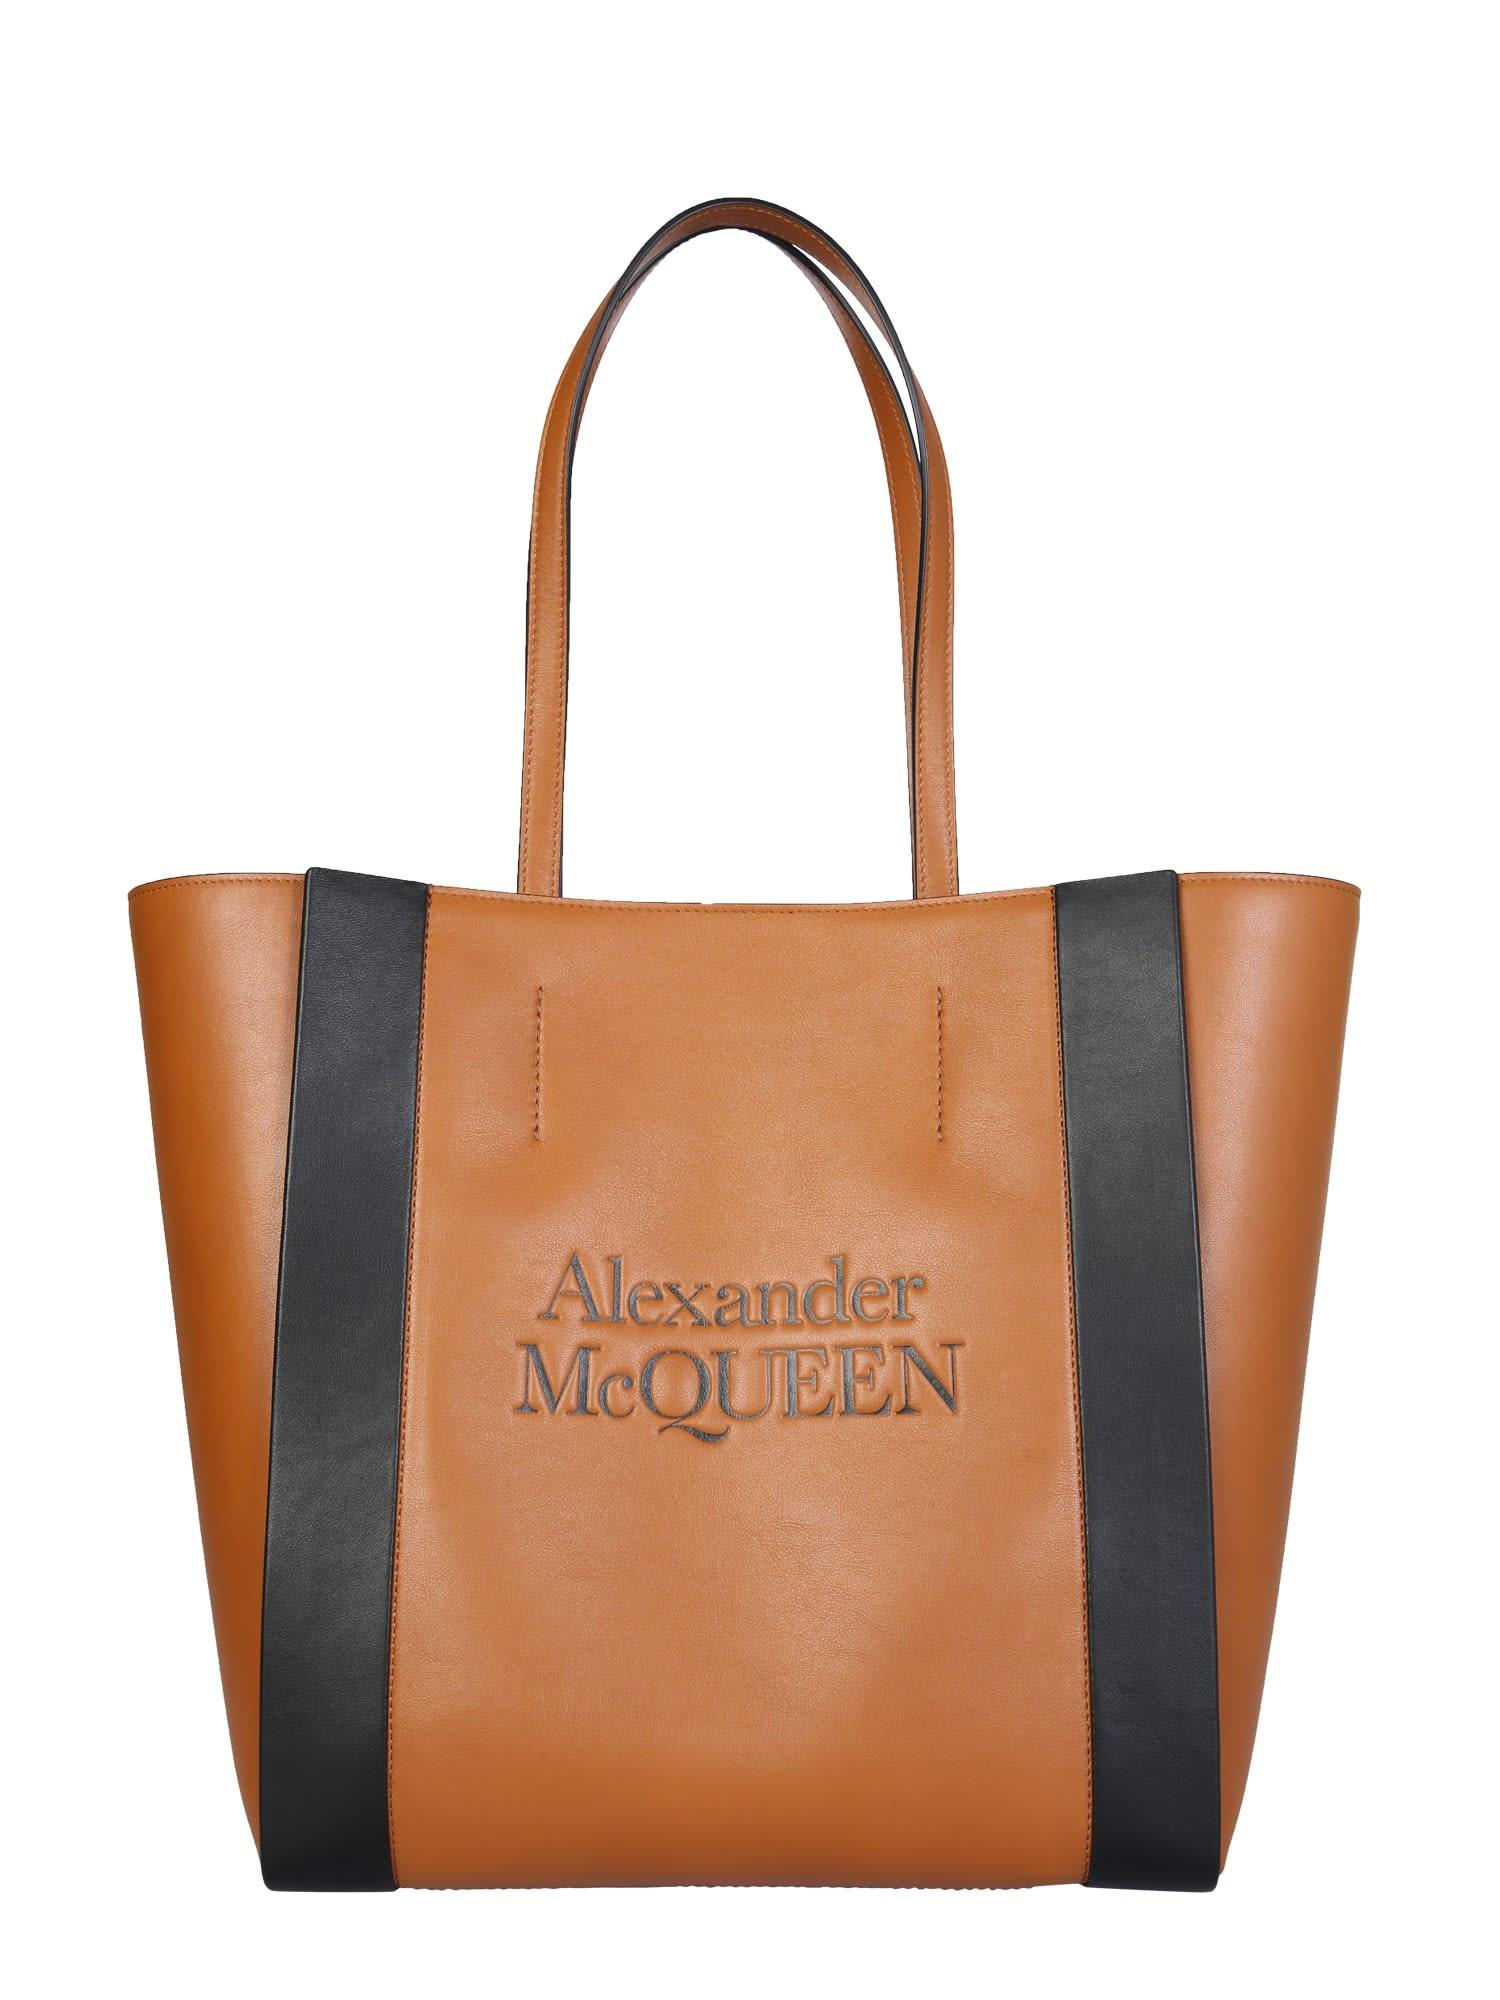 Alexander Mcqueen Totes SIGNATURE SHOPPING BAG